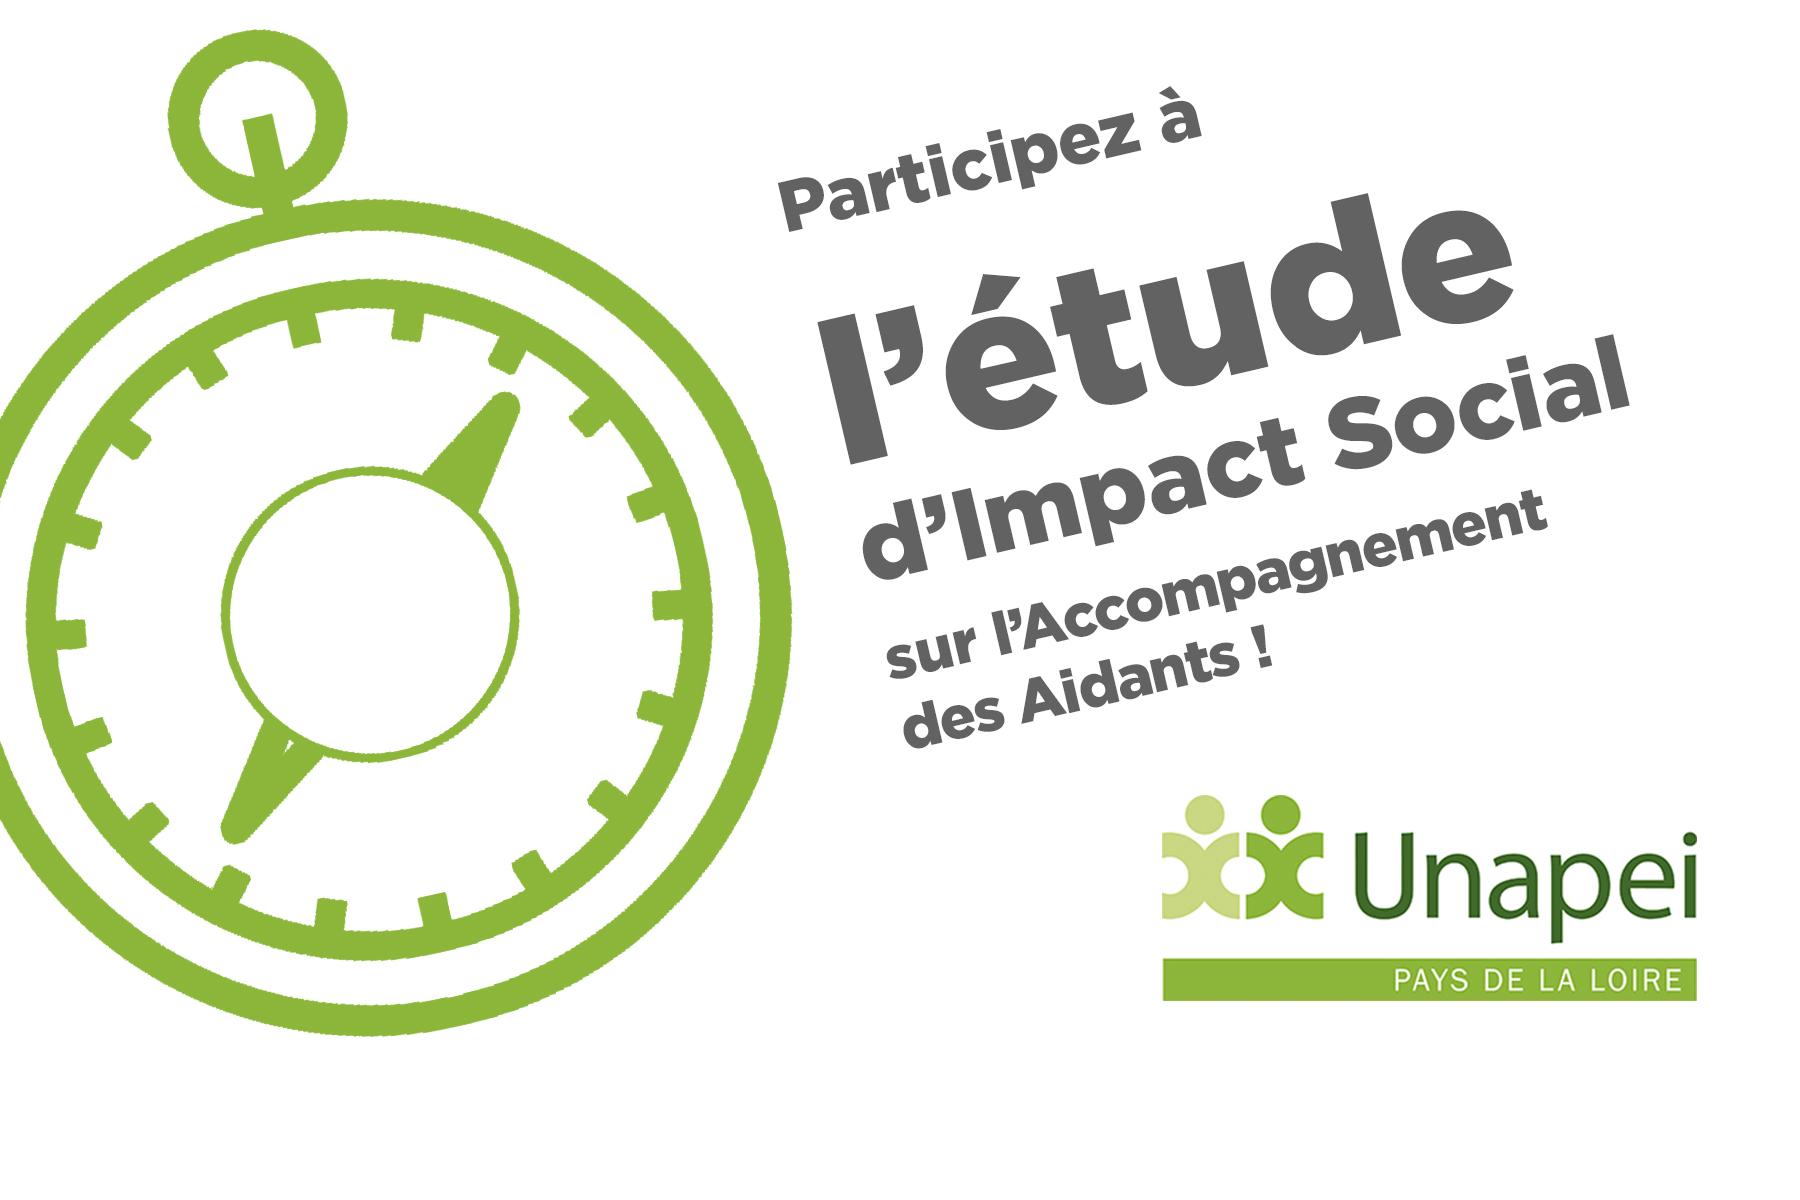 Impact social : Aidants, participez à notre étude !